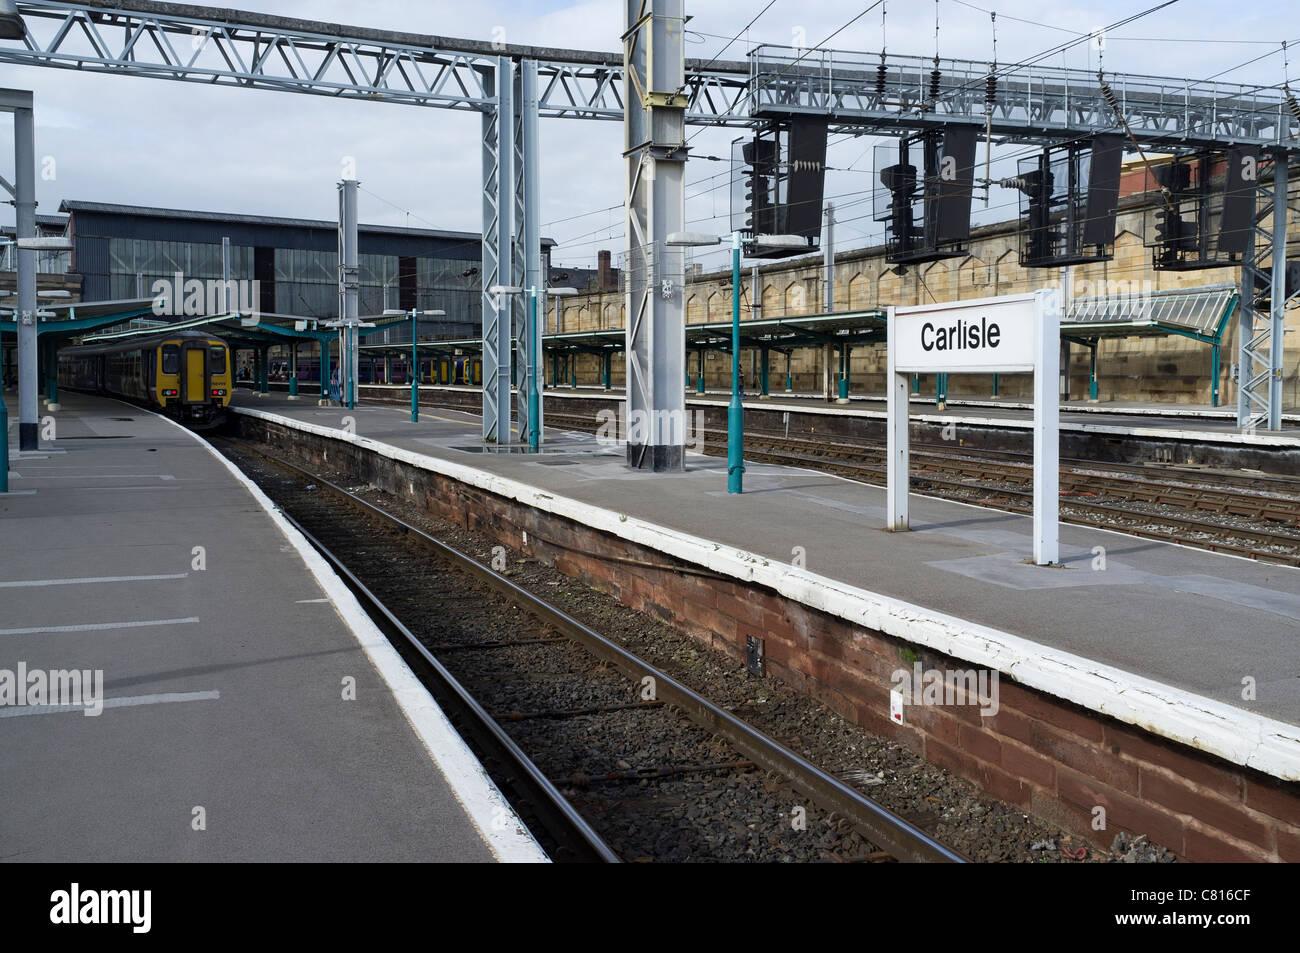 Carlisle Railway Station - Stock Image